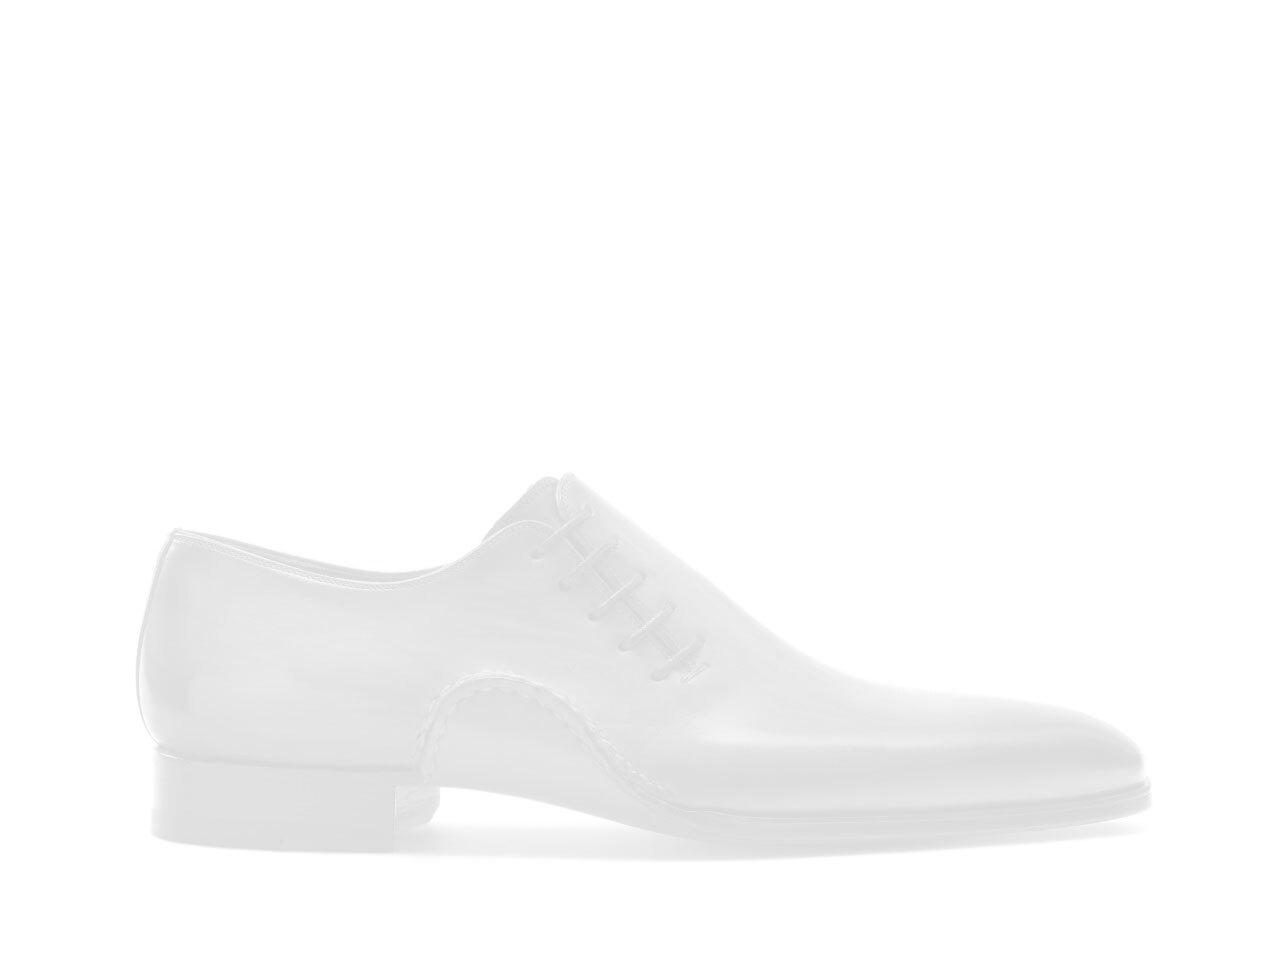 Sole of the Magnanni Casol Cognac Men's Oxford Shoes